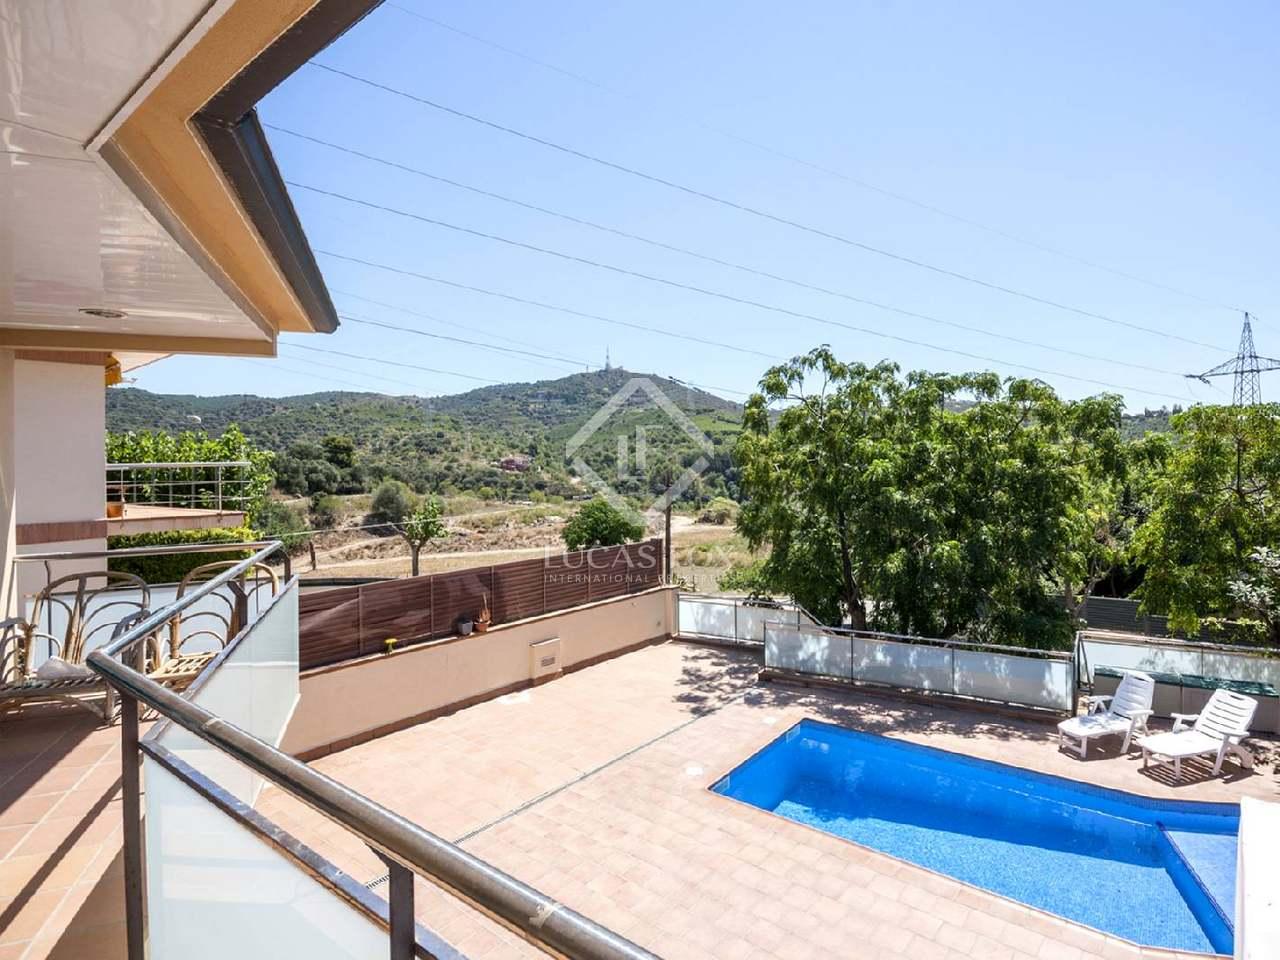 Maison individuelle louer 10 minutes de barcelone - Location maison piscine barcelone ...